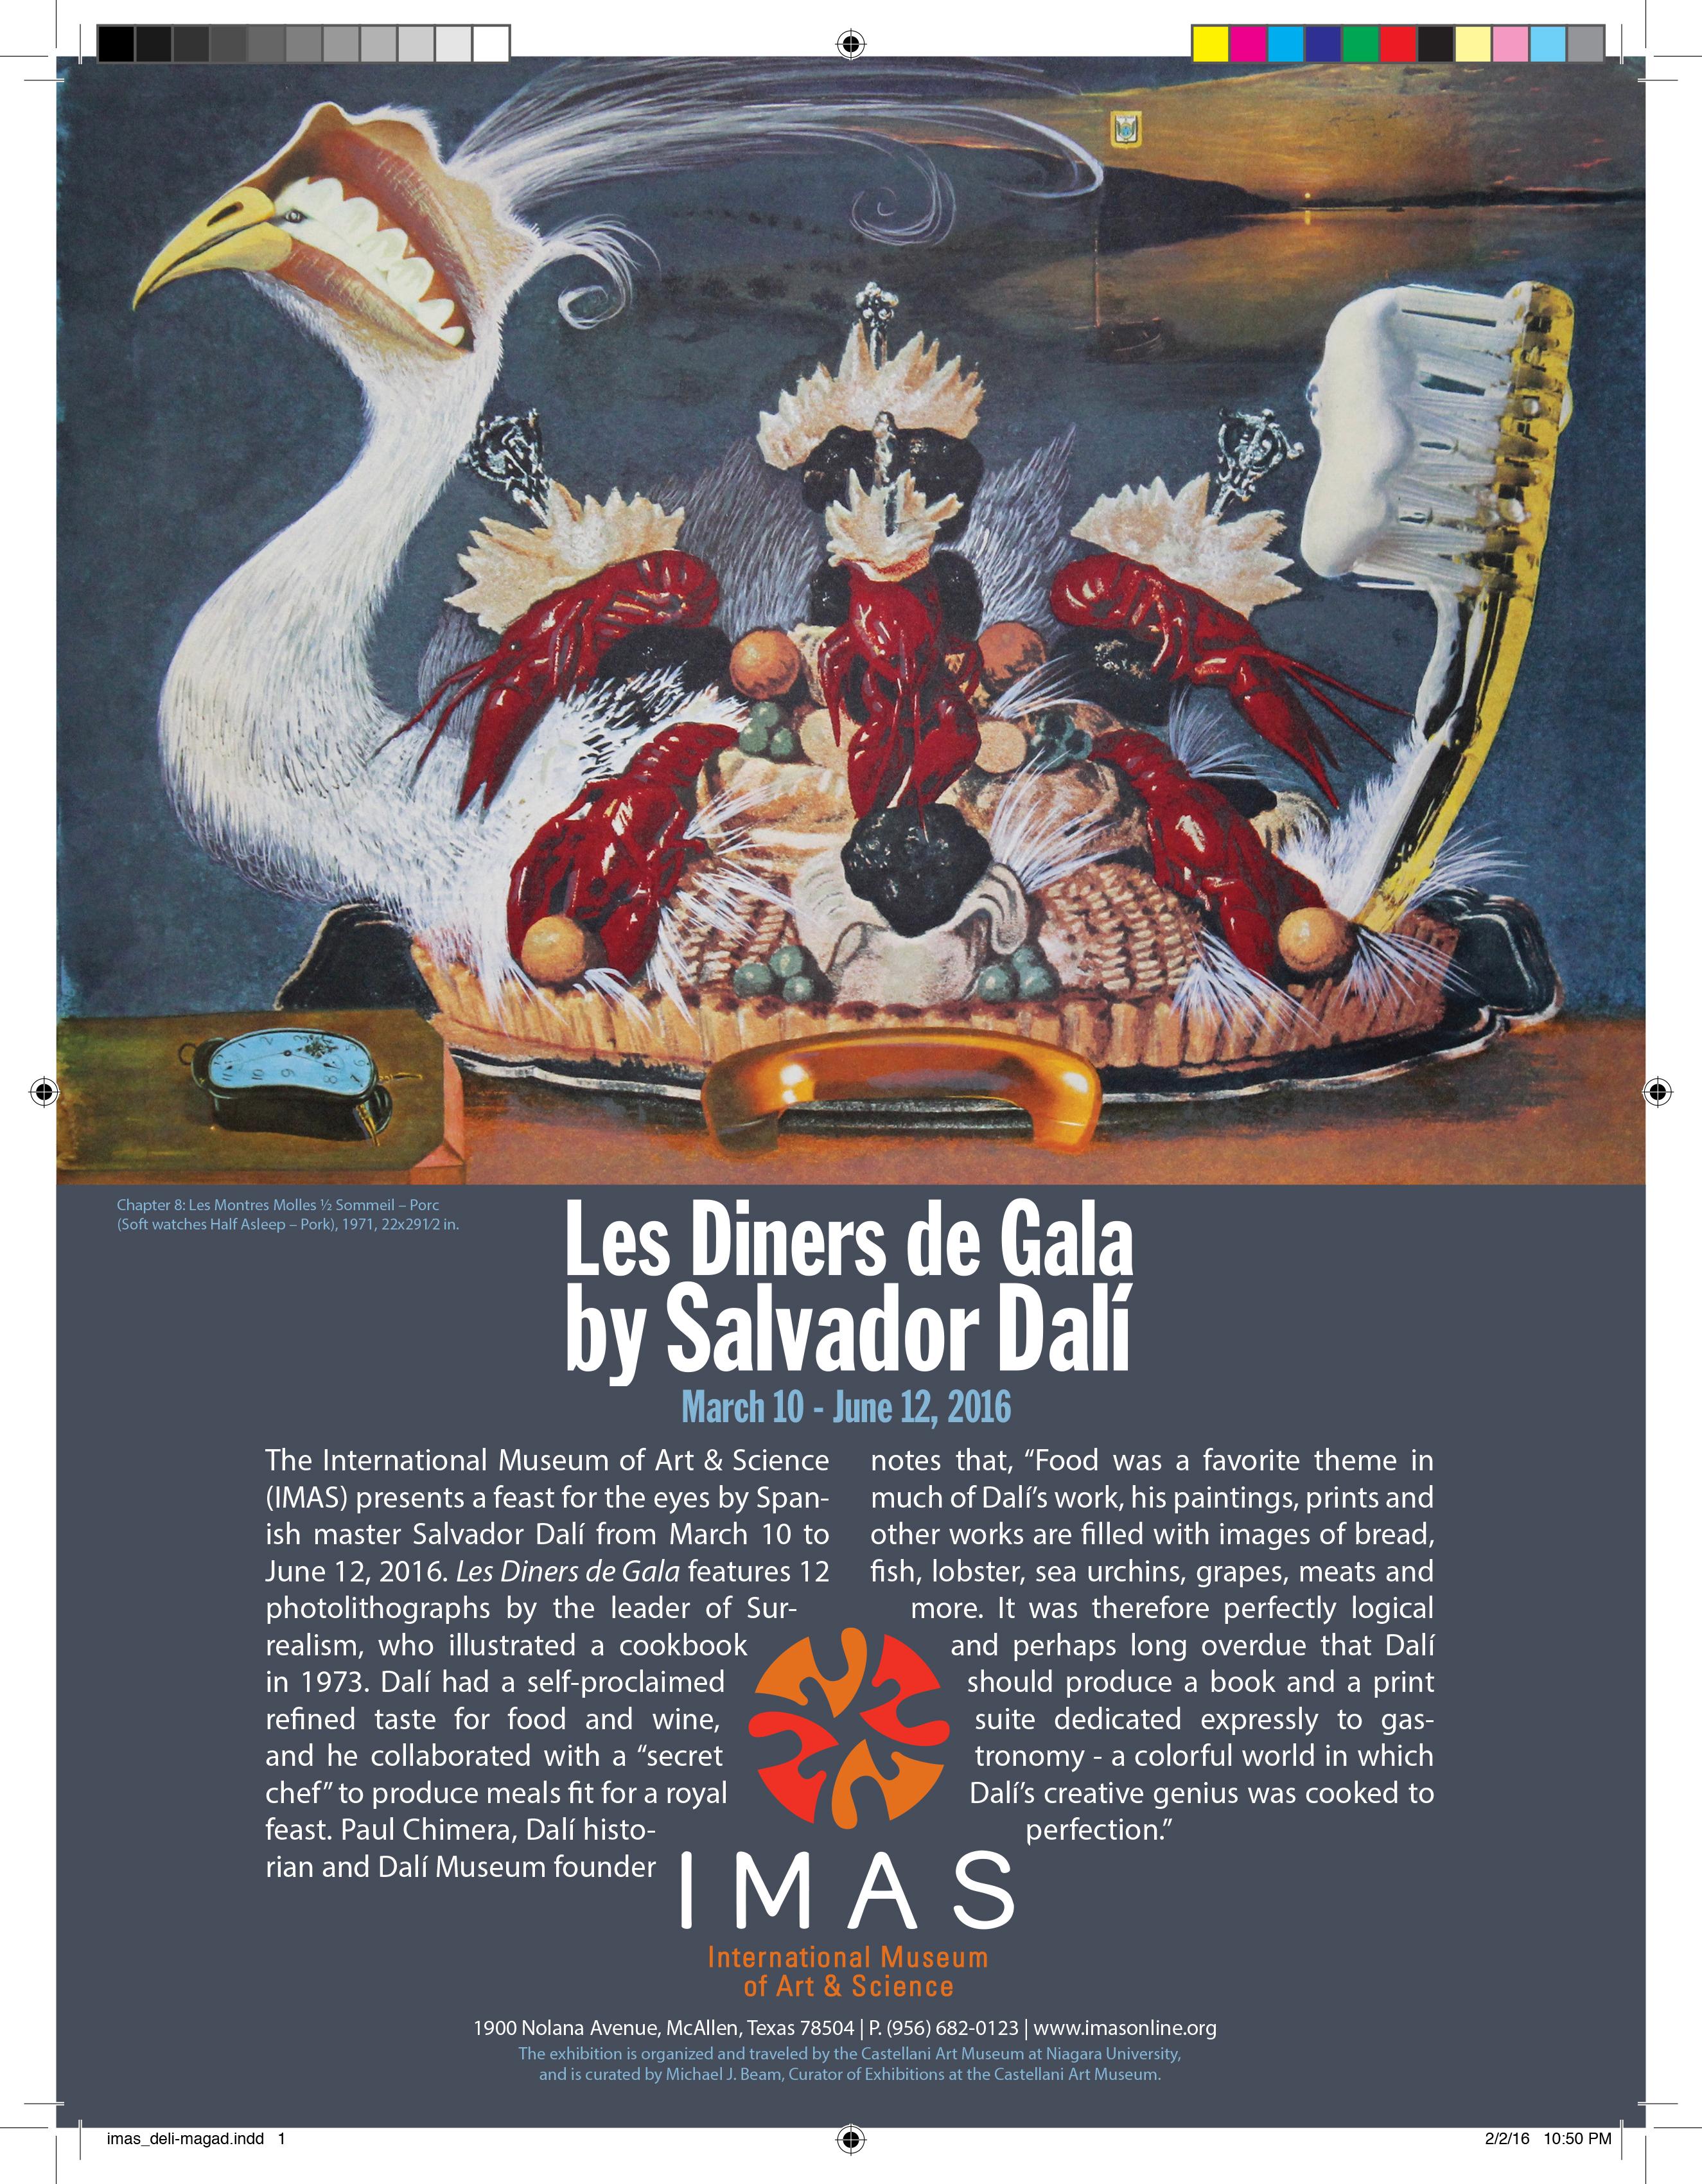 imas_deli-magad_bleed